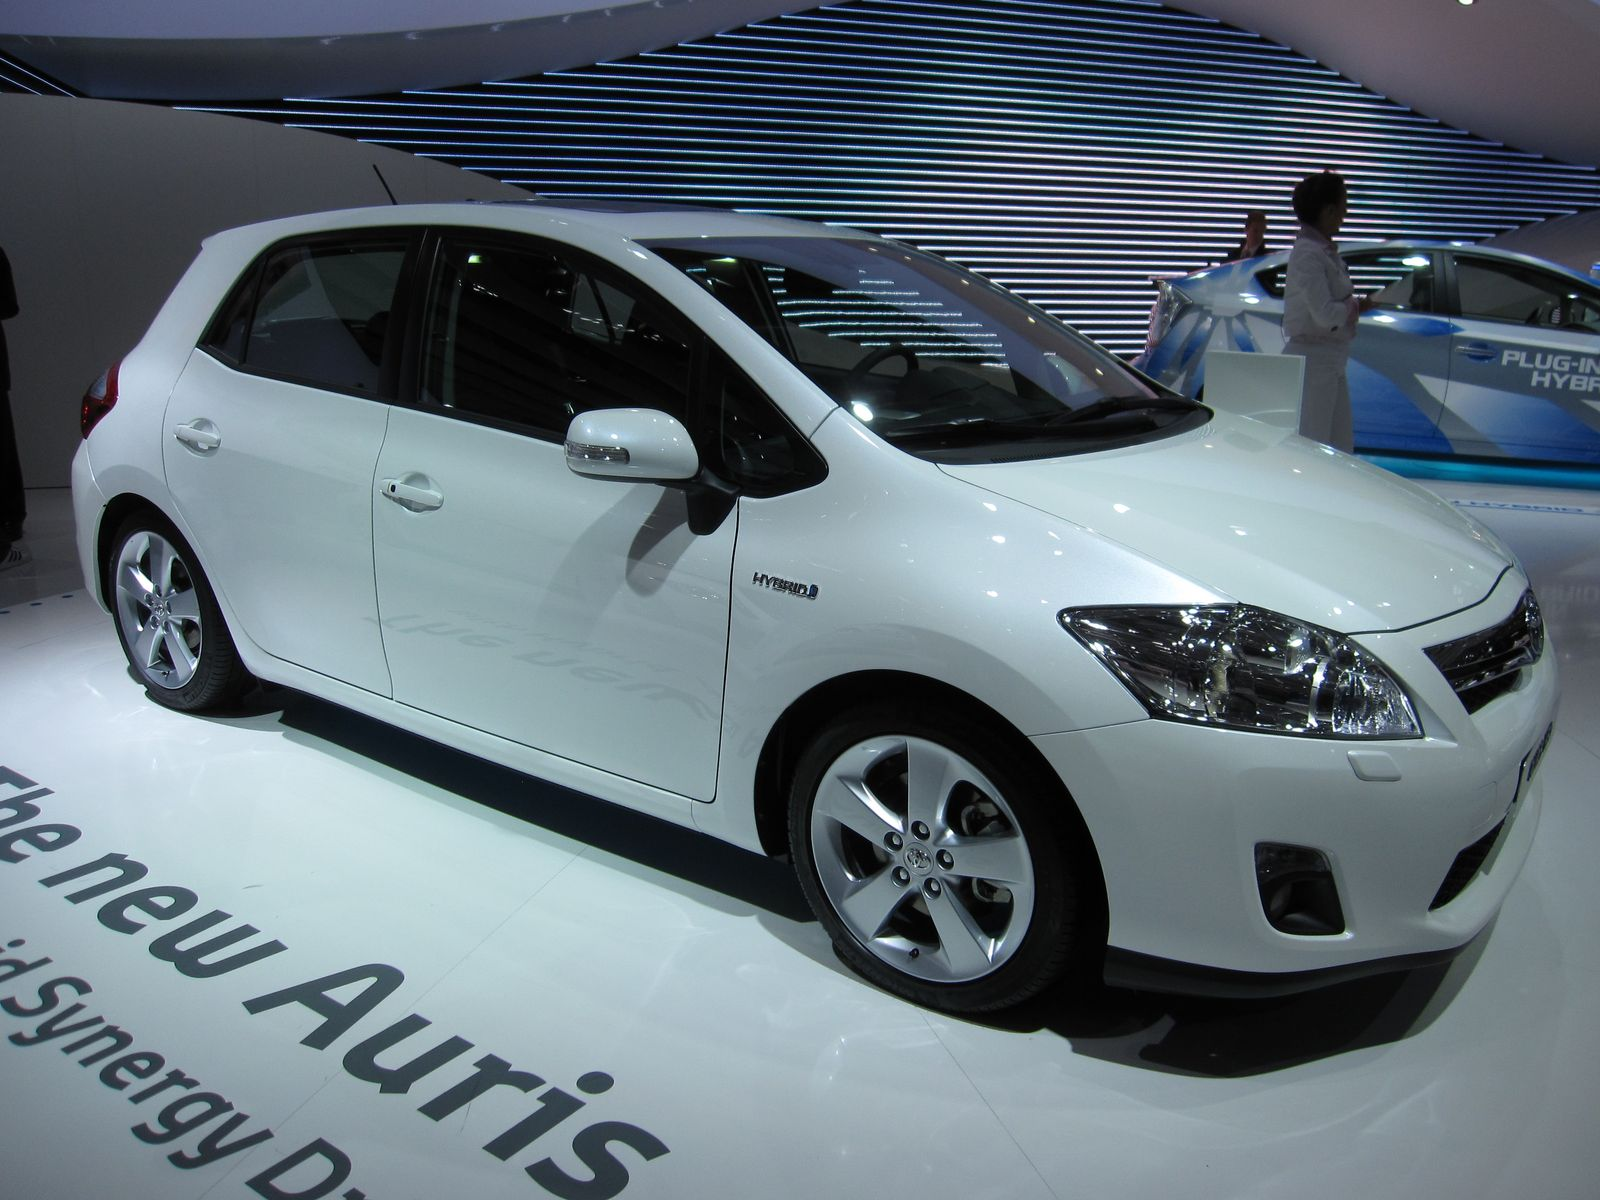 New Toyota Hybrids for 2016 & 2017 - Toyota Camry Hybrid